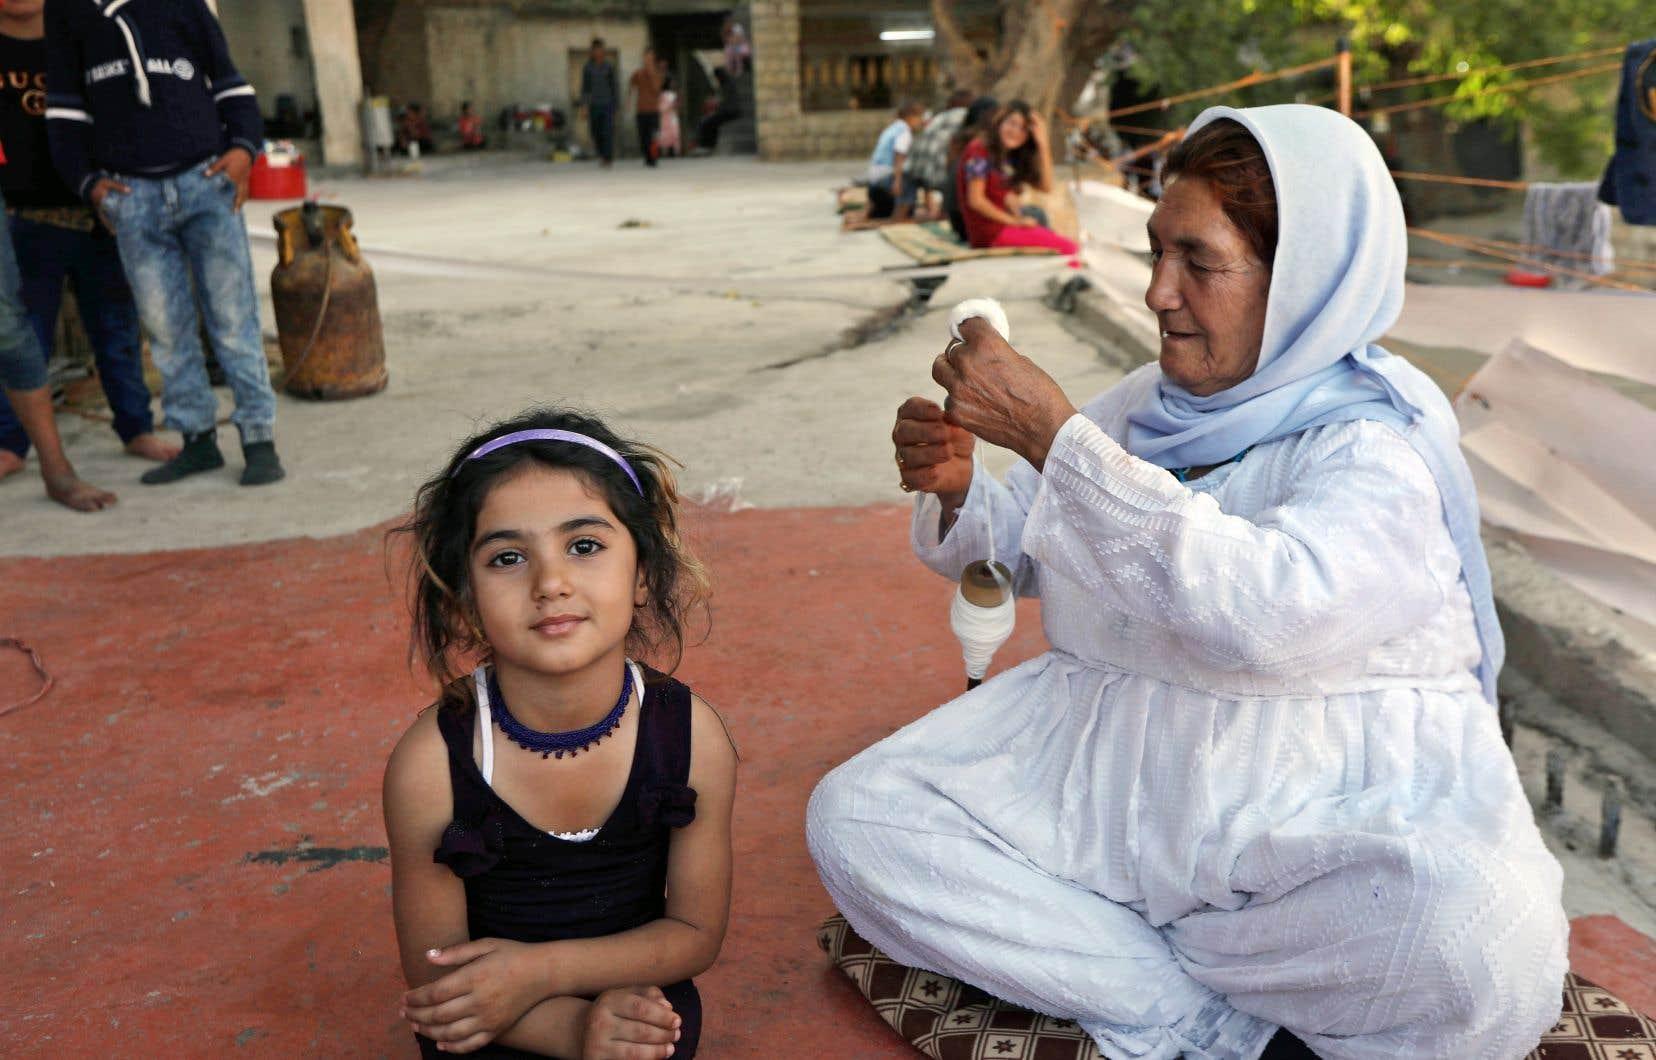 La traite à des fins d'exploitation sexuelle est de loin la plus courante. L'ONU cite le cas de milliers de filles et de femmes de la minorité yézidie asservies par le groupe État islamique en Irak.